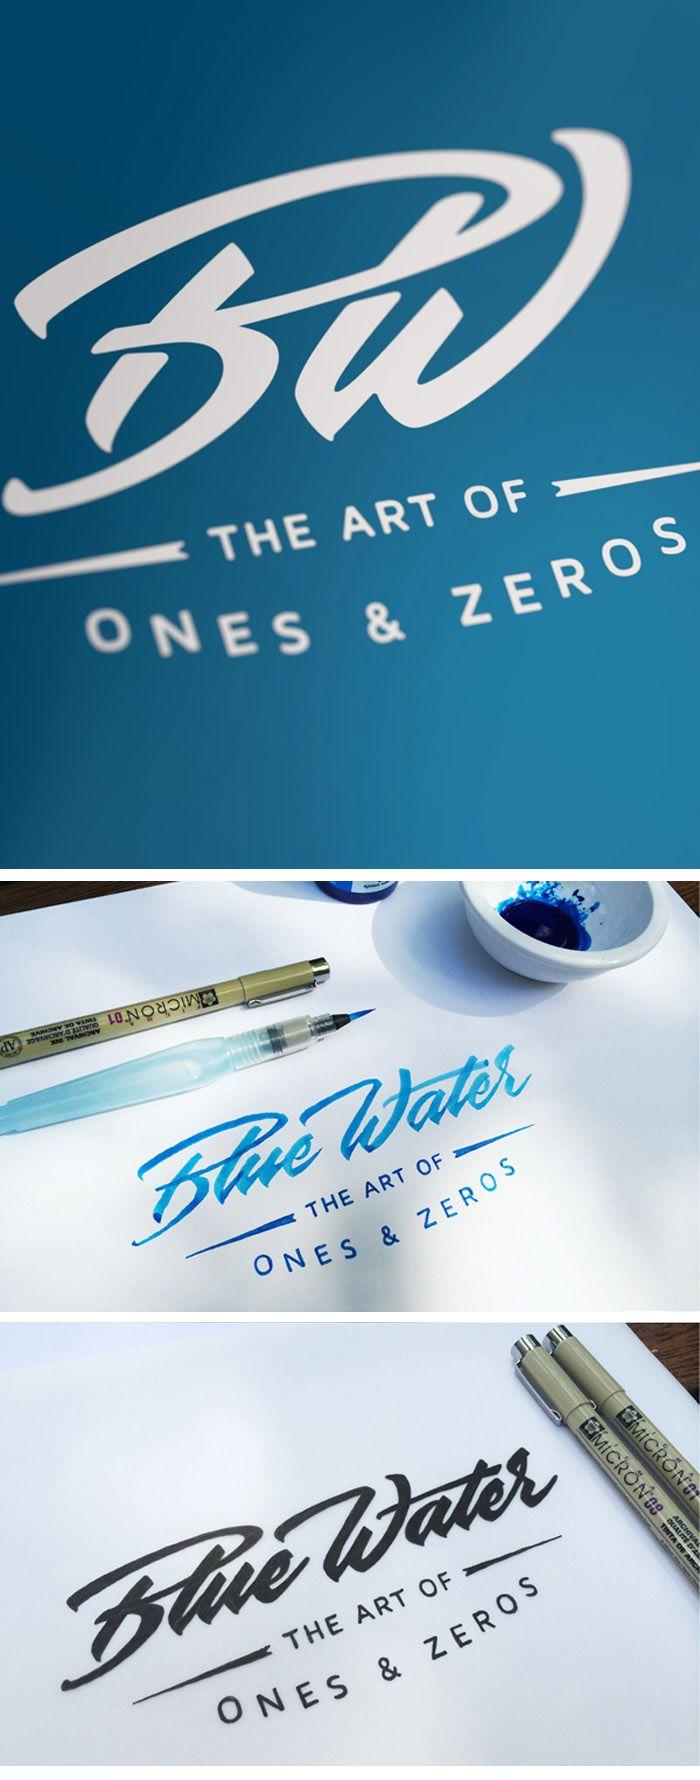 Blue Water   by Matt Vergotis   http://www.verg.com.au/portfolio/blue-water/